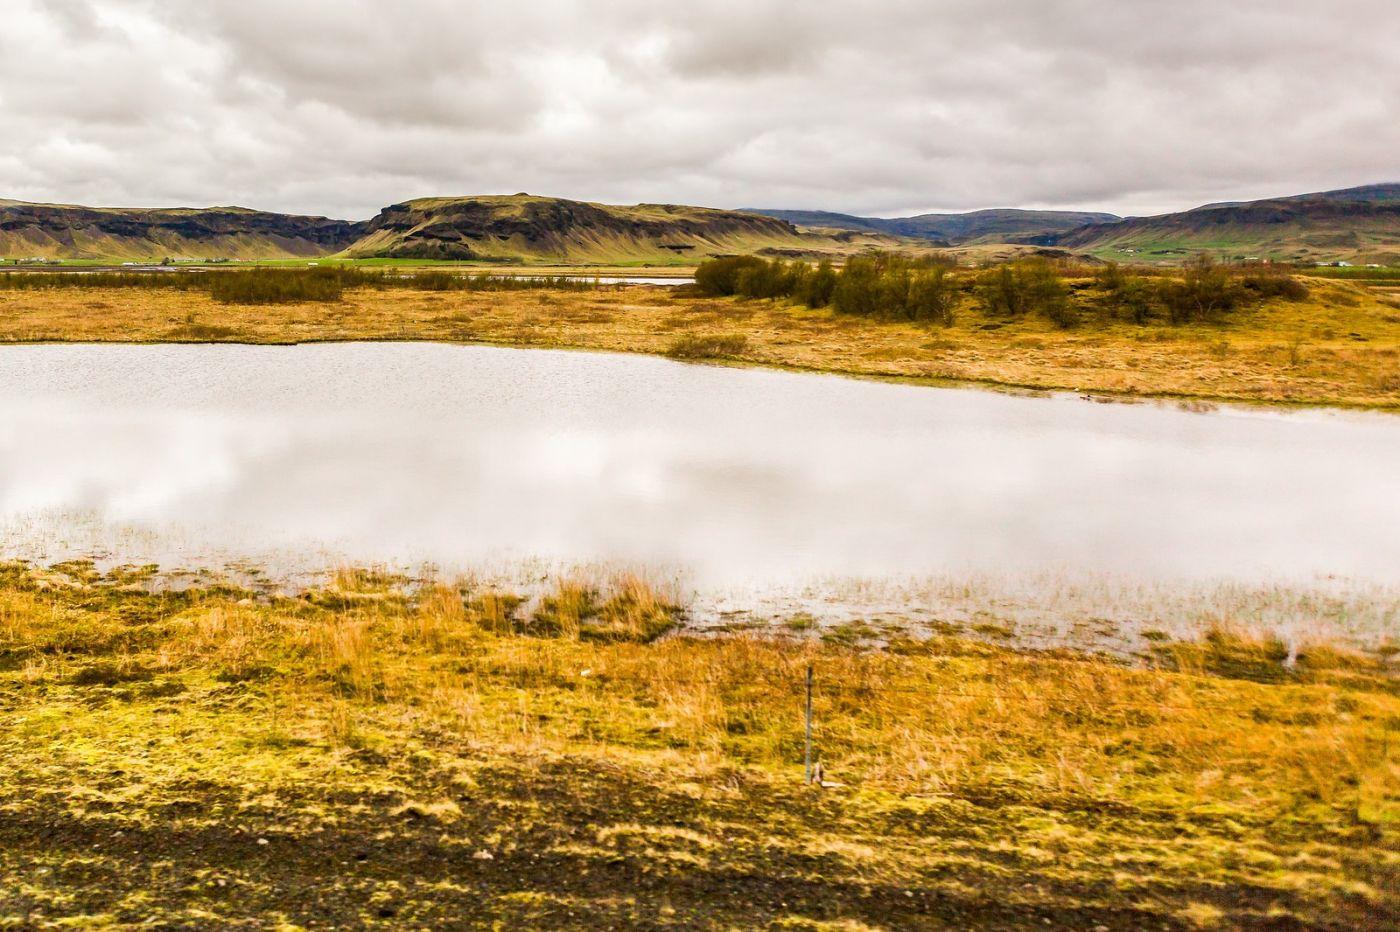 冰岛风采,那一片水景_图1-3